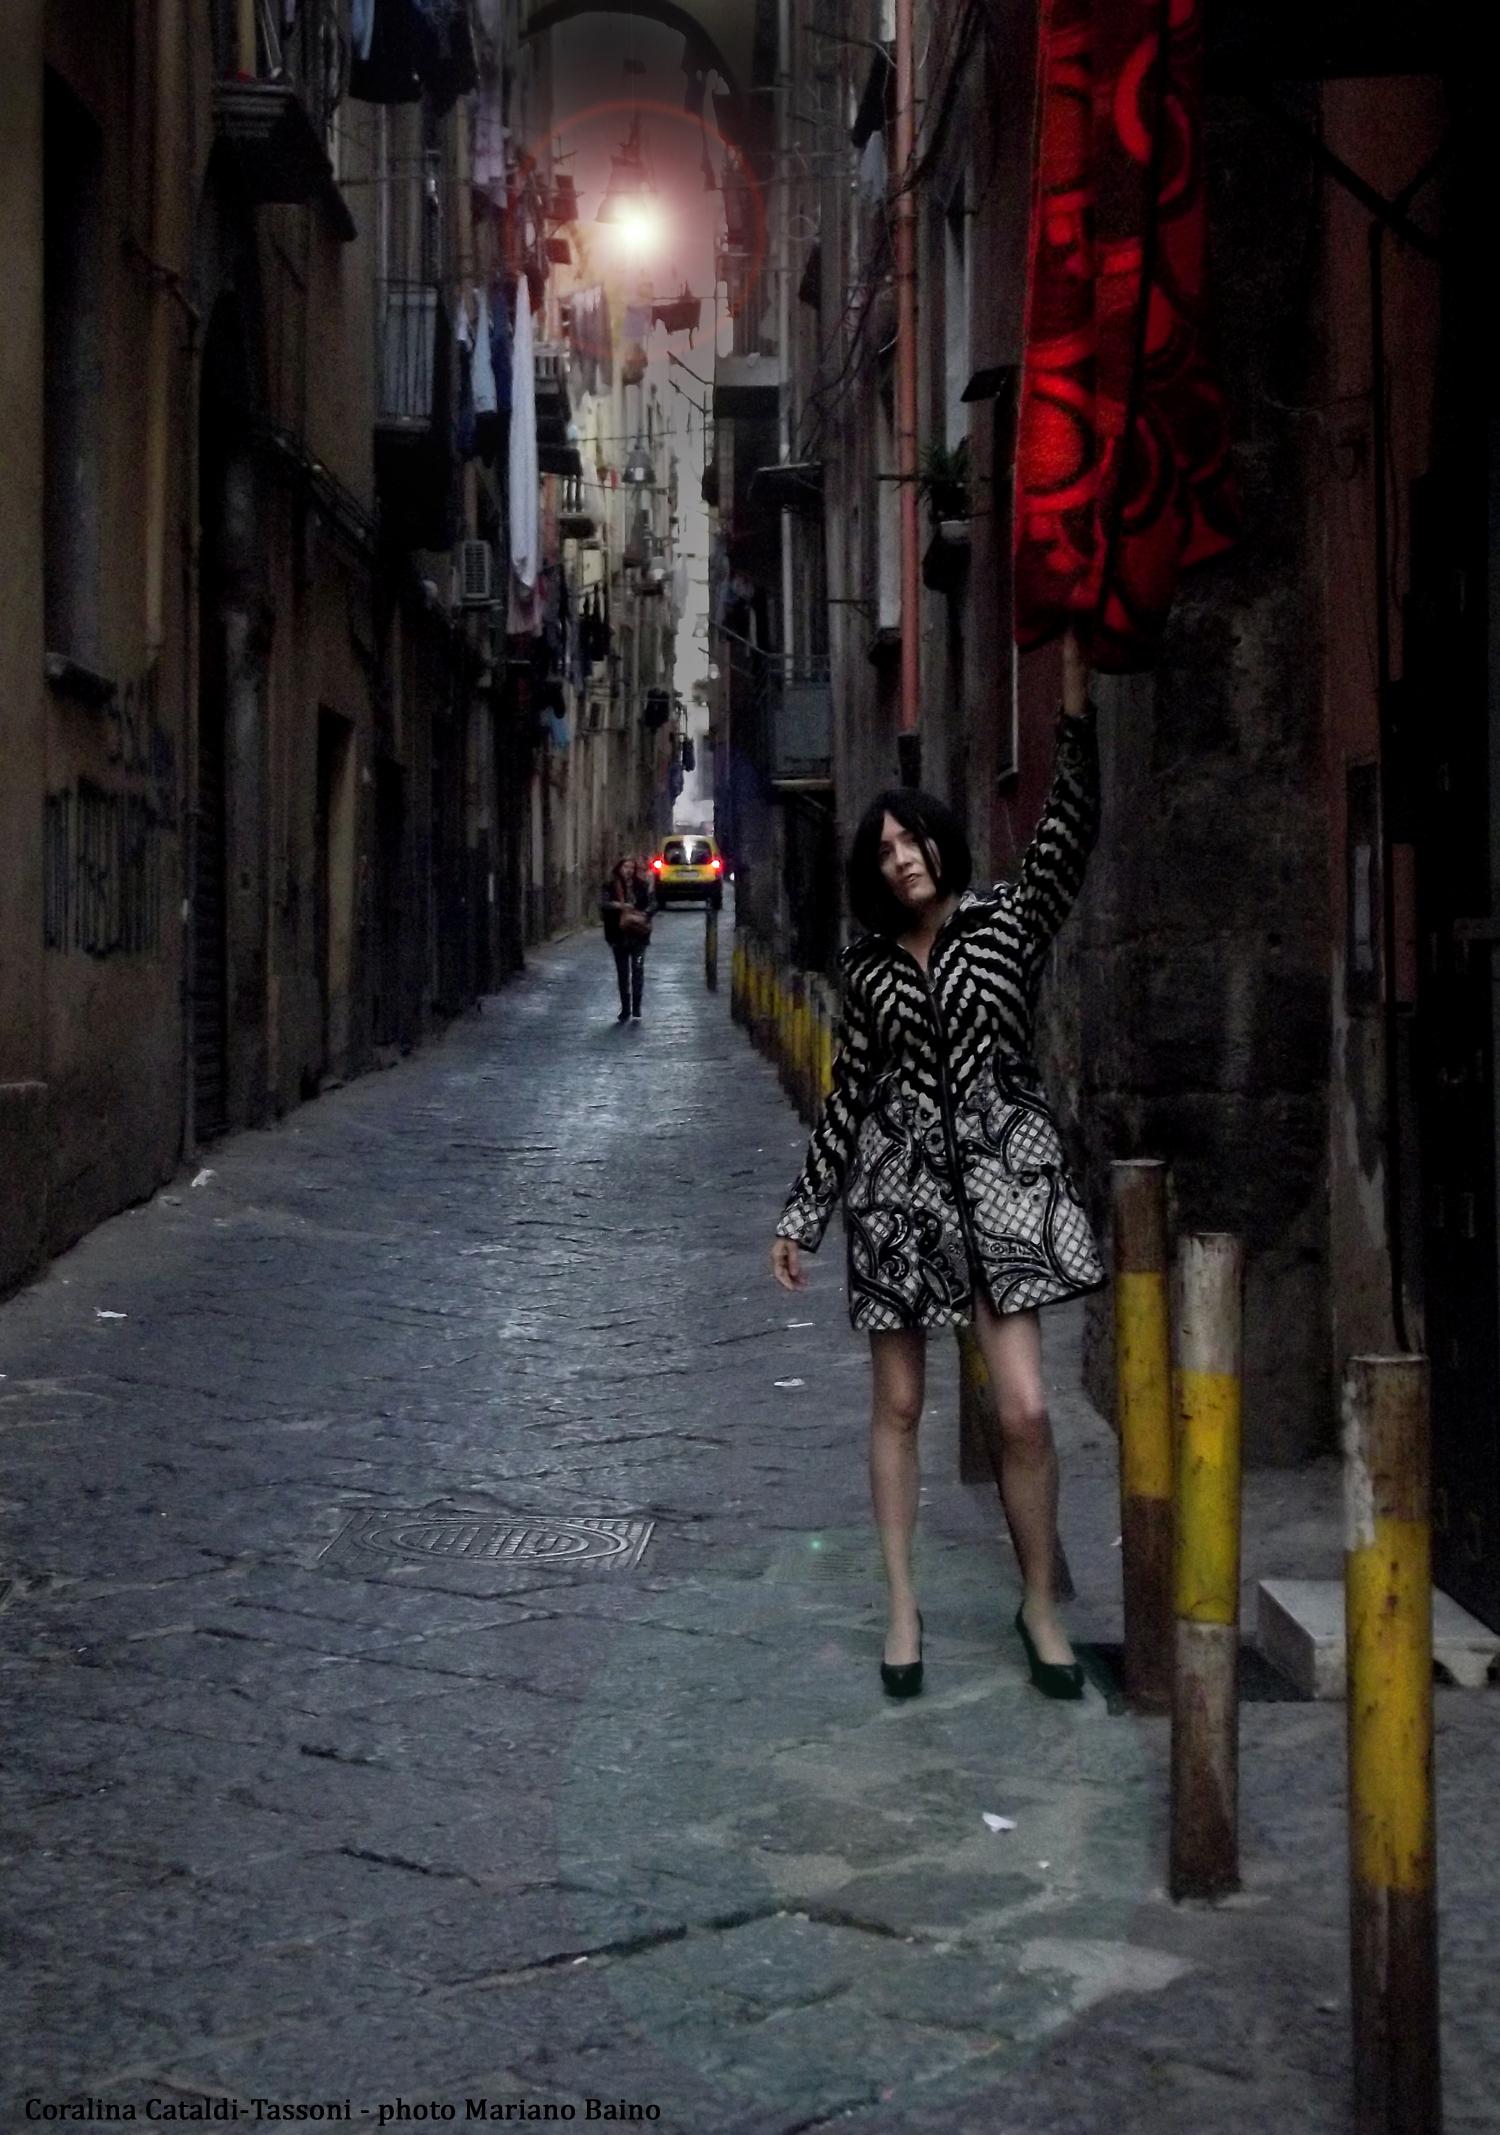 Actress Coralina Cataldi-Tassoni photo Mariano Baino copyright 2015 (2).jpg